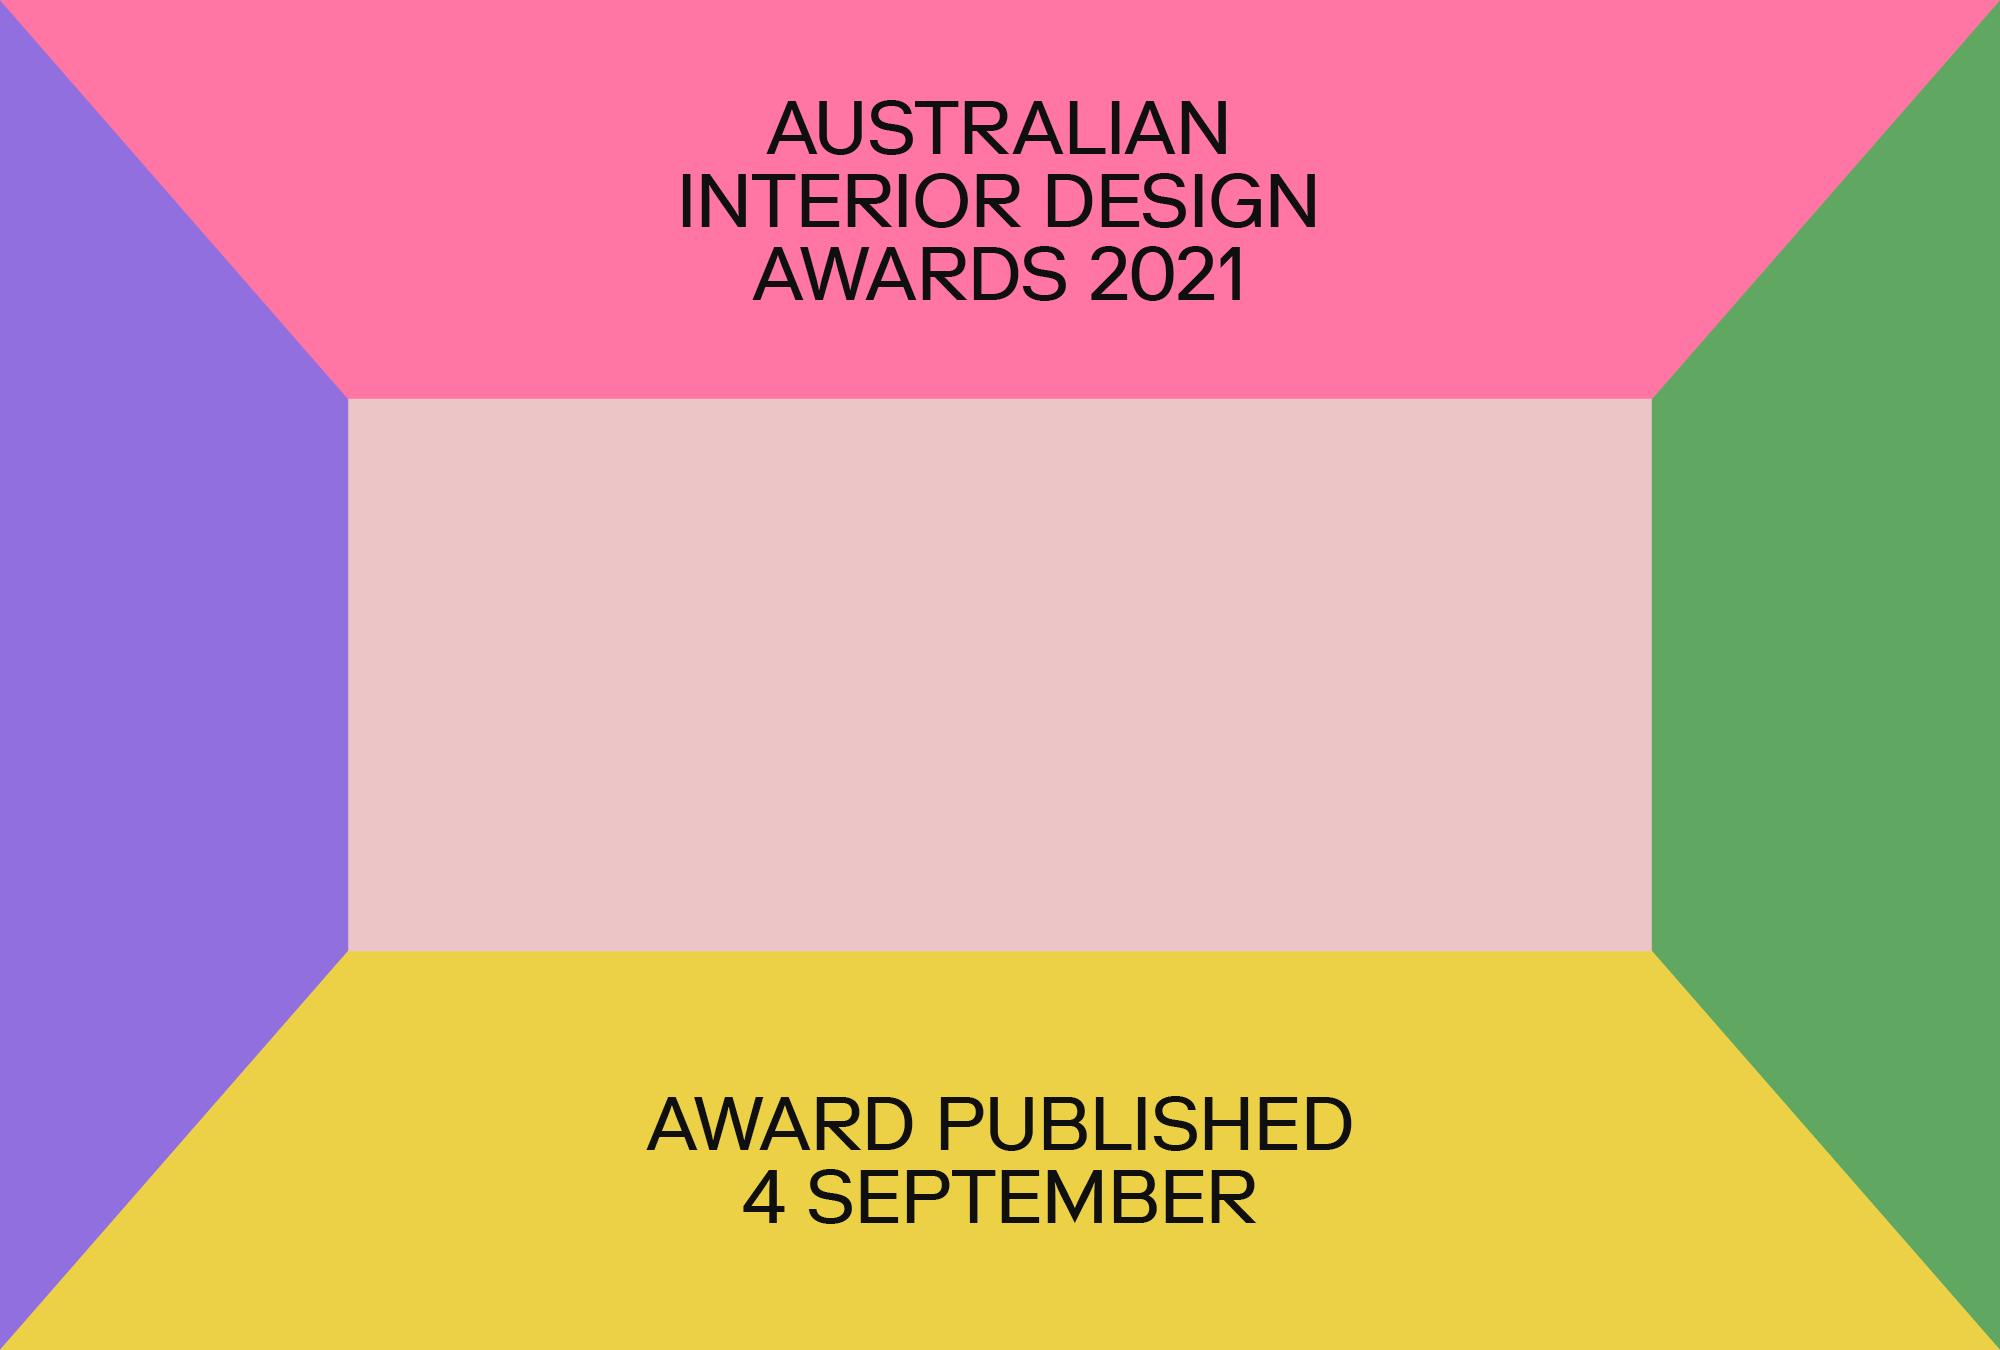 Premier Award for Australian Interior Design